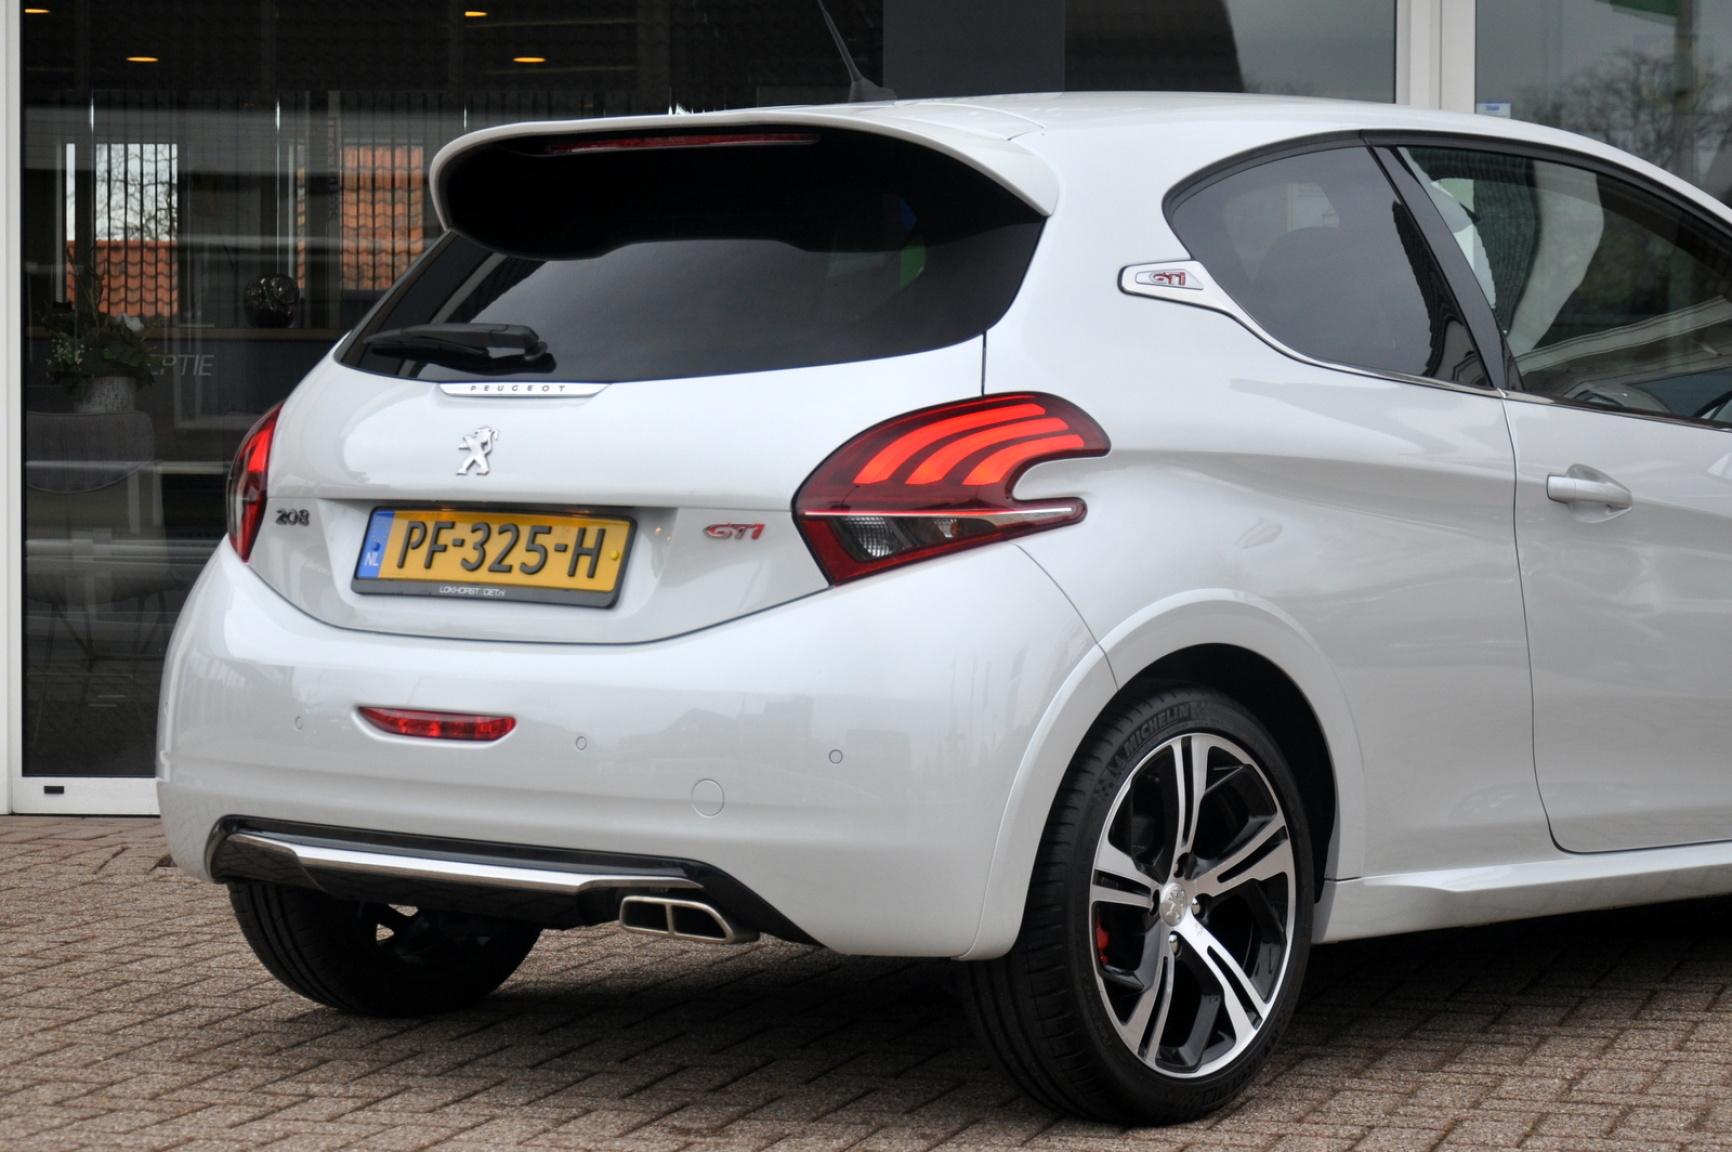 Peugeot-208-34